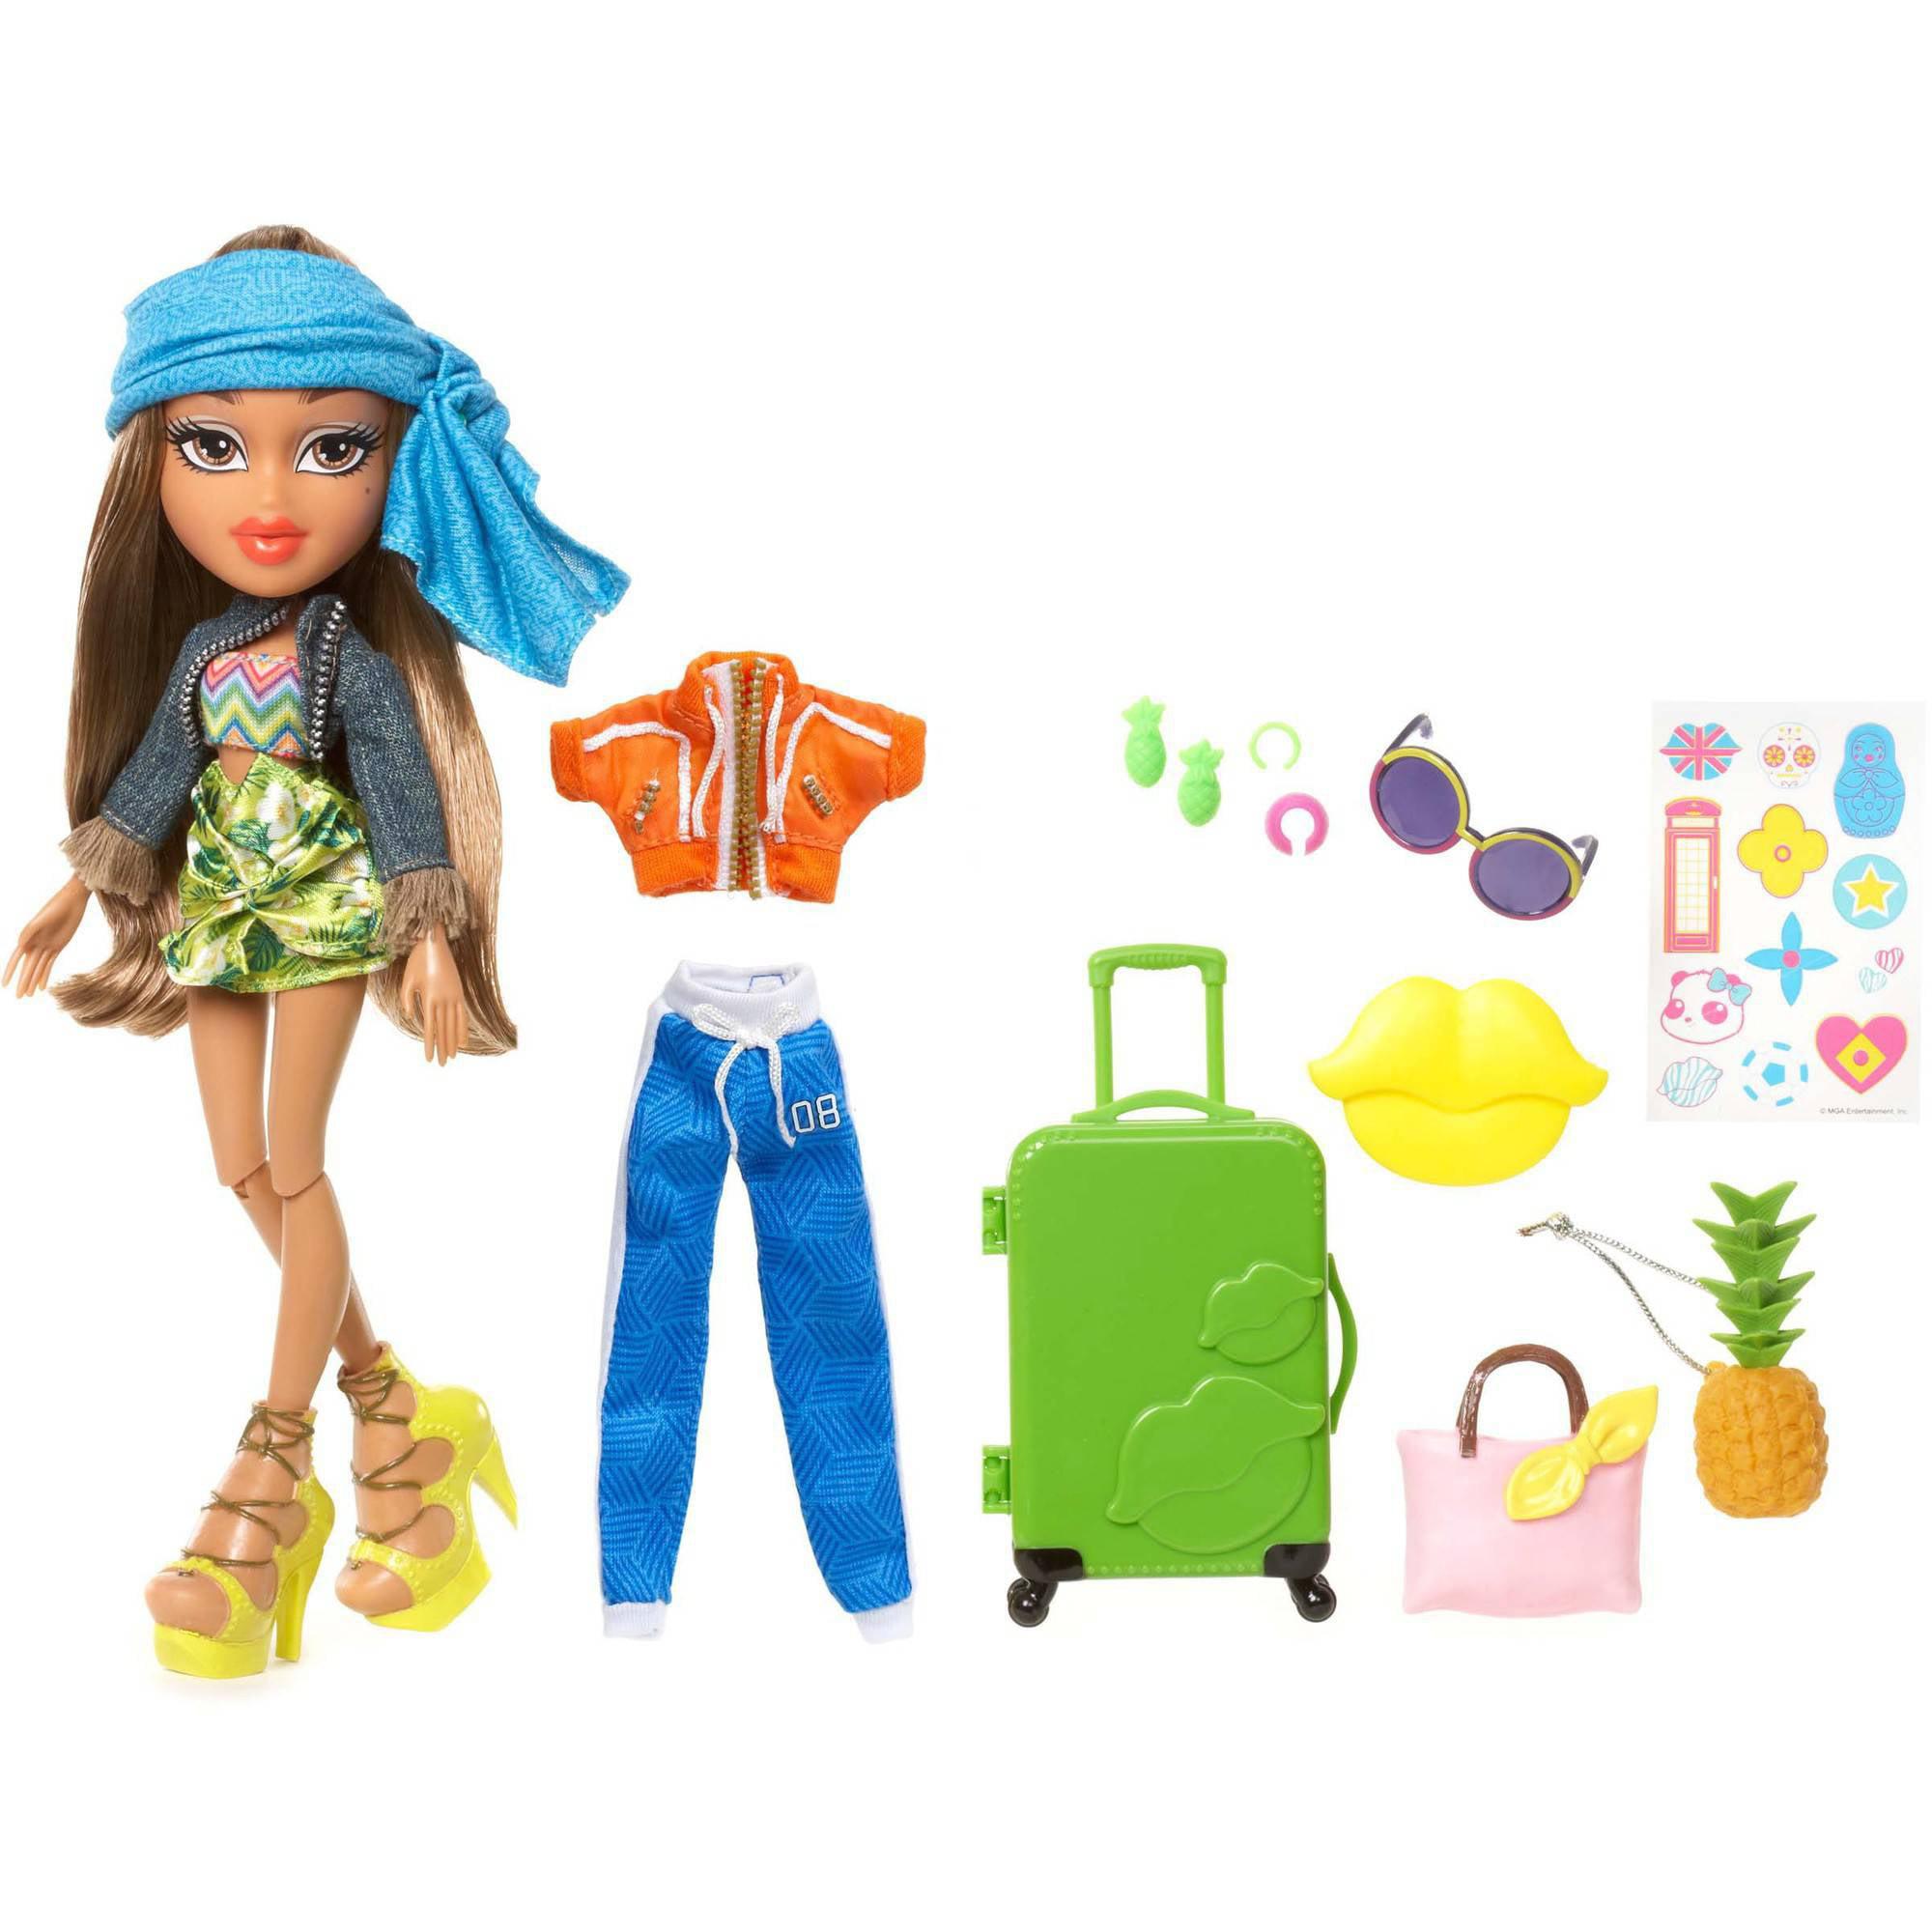 Bratz Study Abroad Doll, Yasmin to Brazil